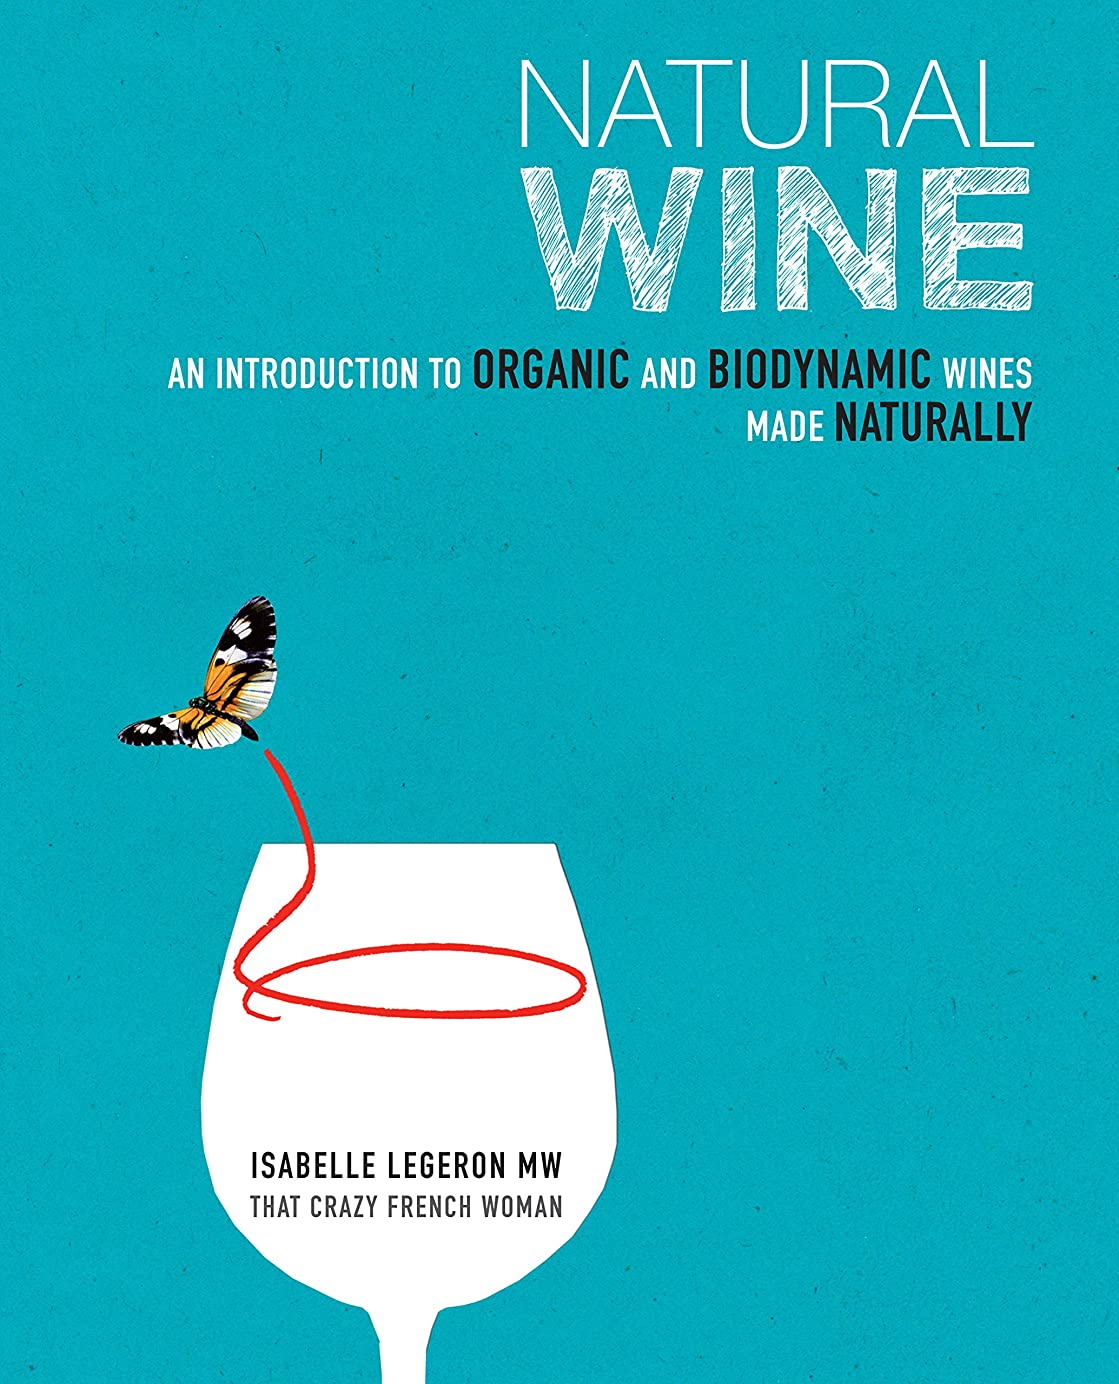 剣ティッシュかすかなUnderstanding Wine Technology: A Book for the Non-scientist That Explains the Science of Winemaking